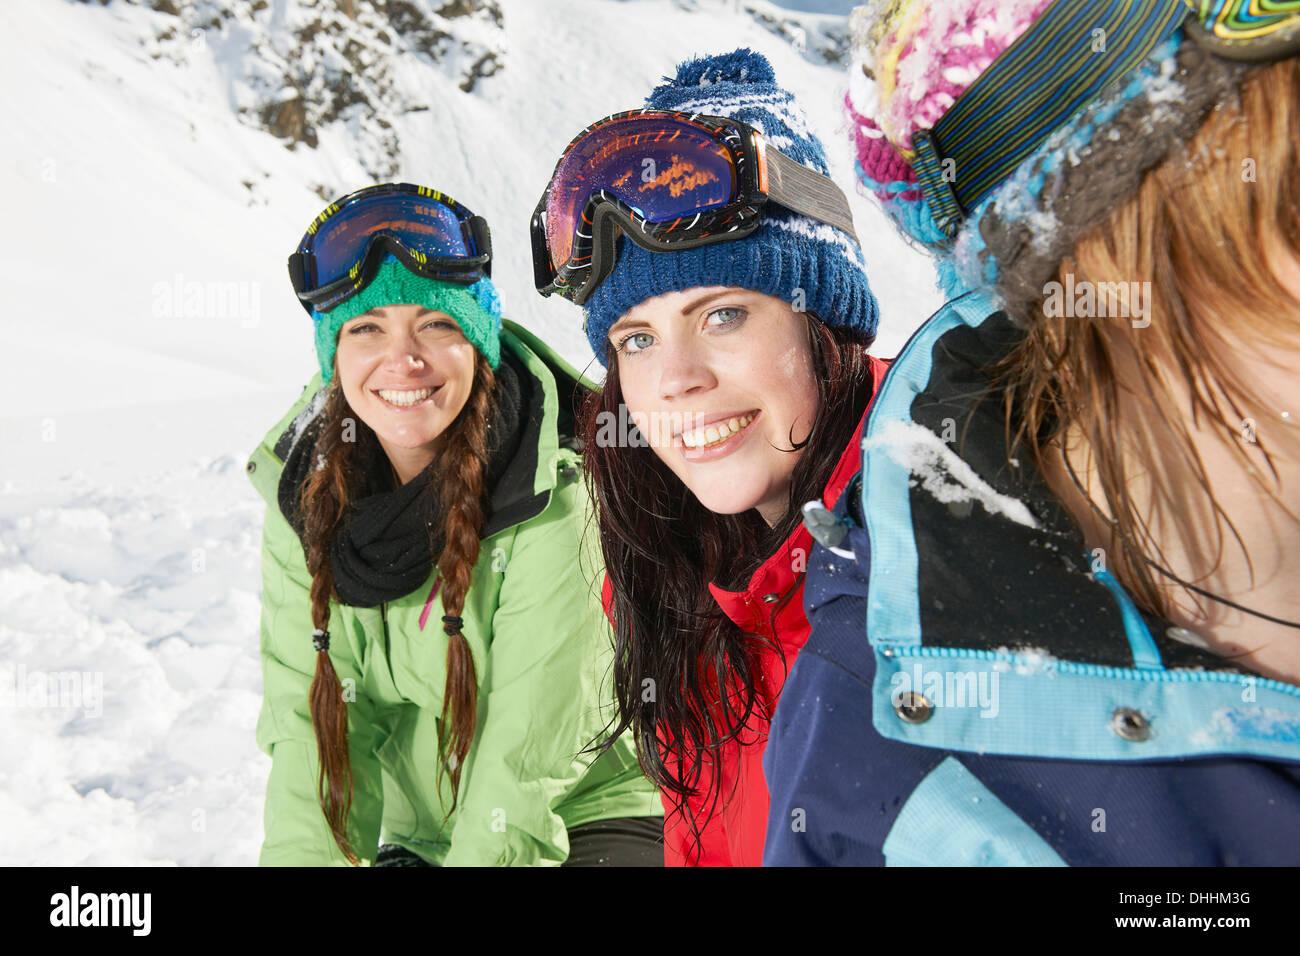 Freundinnen tragen Skibekleidung, Kühtai, Österreich Stockfoto